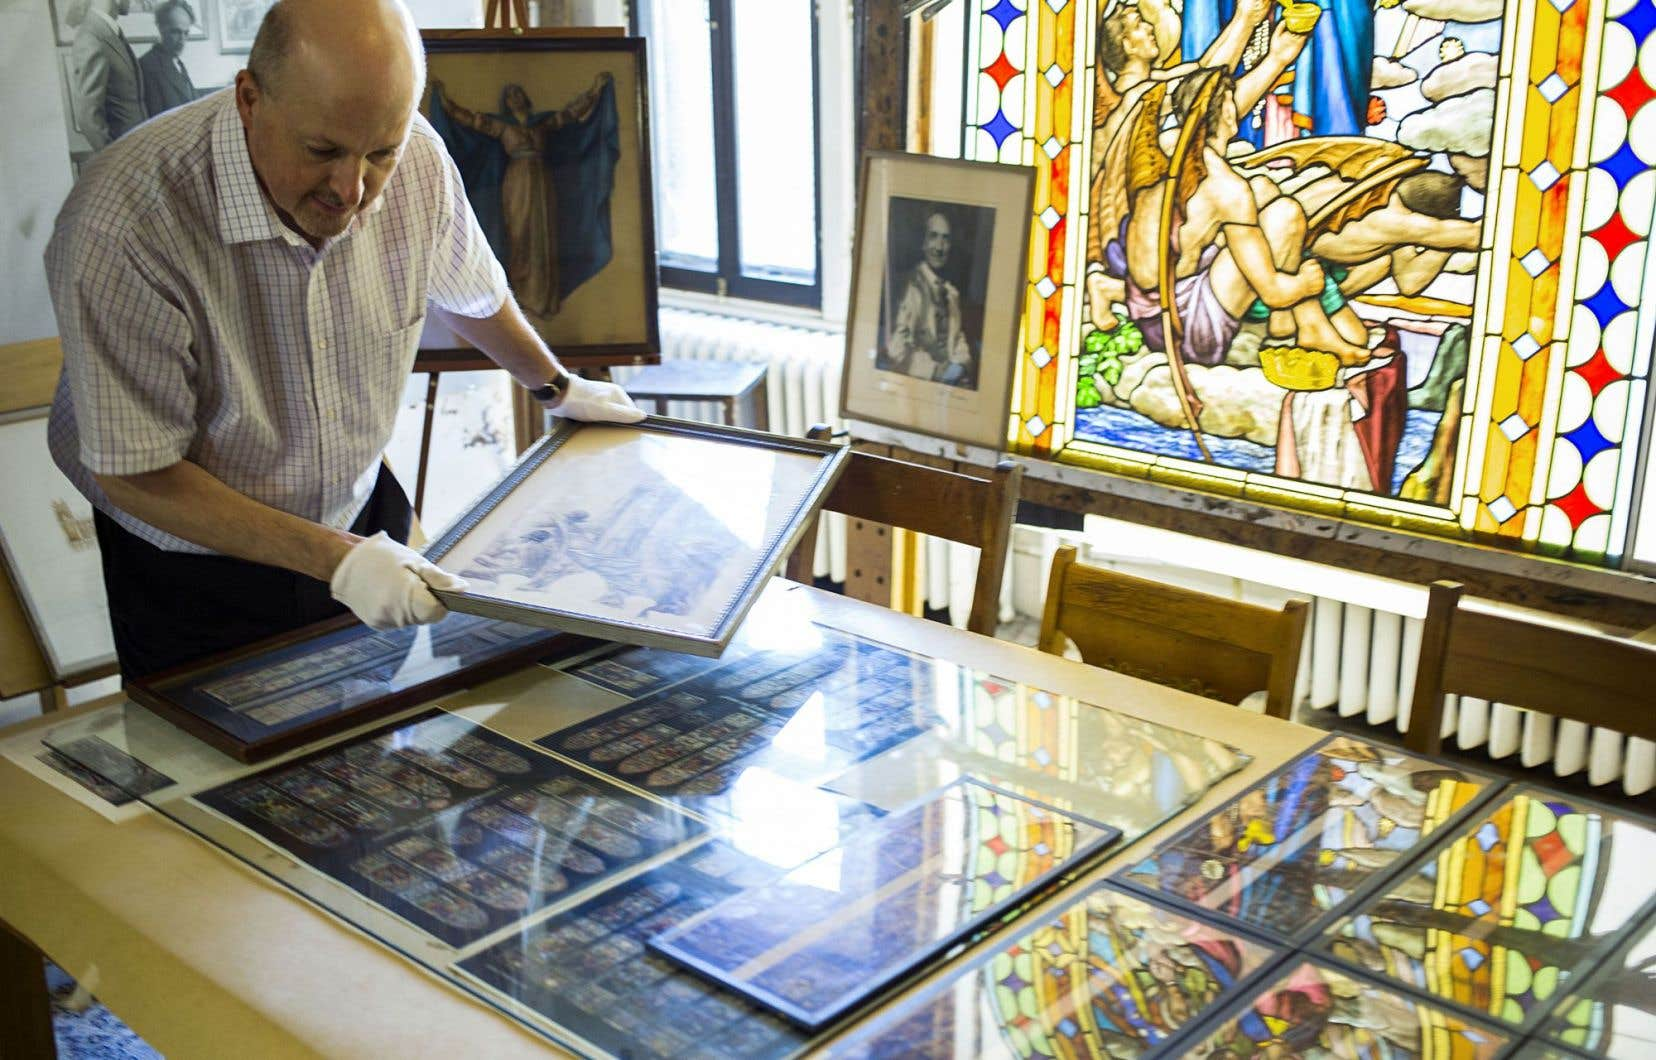 Le directeur du musée Dufresne-Nincheri, Paul Labonne, examine des maquettes dans le studio de l'artiste. À droite se trouve le vitrail commandé dans les années 1960 par une paroisse d'Hochelaga. Alors que l'église compte 14 verrières réalisées par Nincheri, celle-ci, non payée, n'a jamais été livrée…